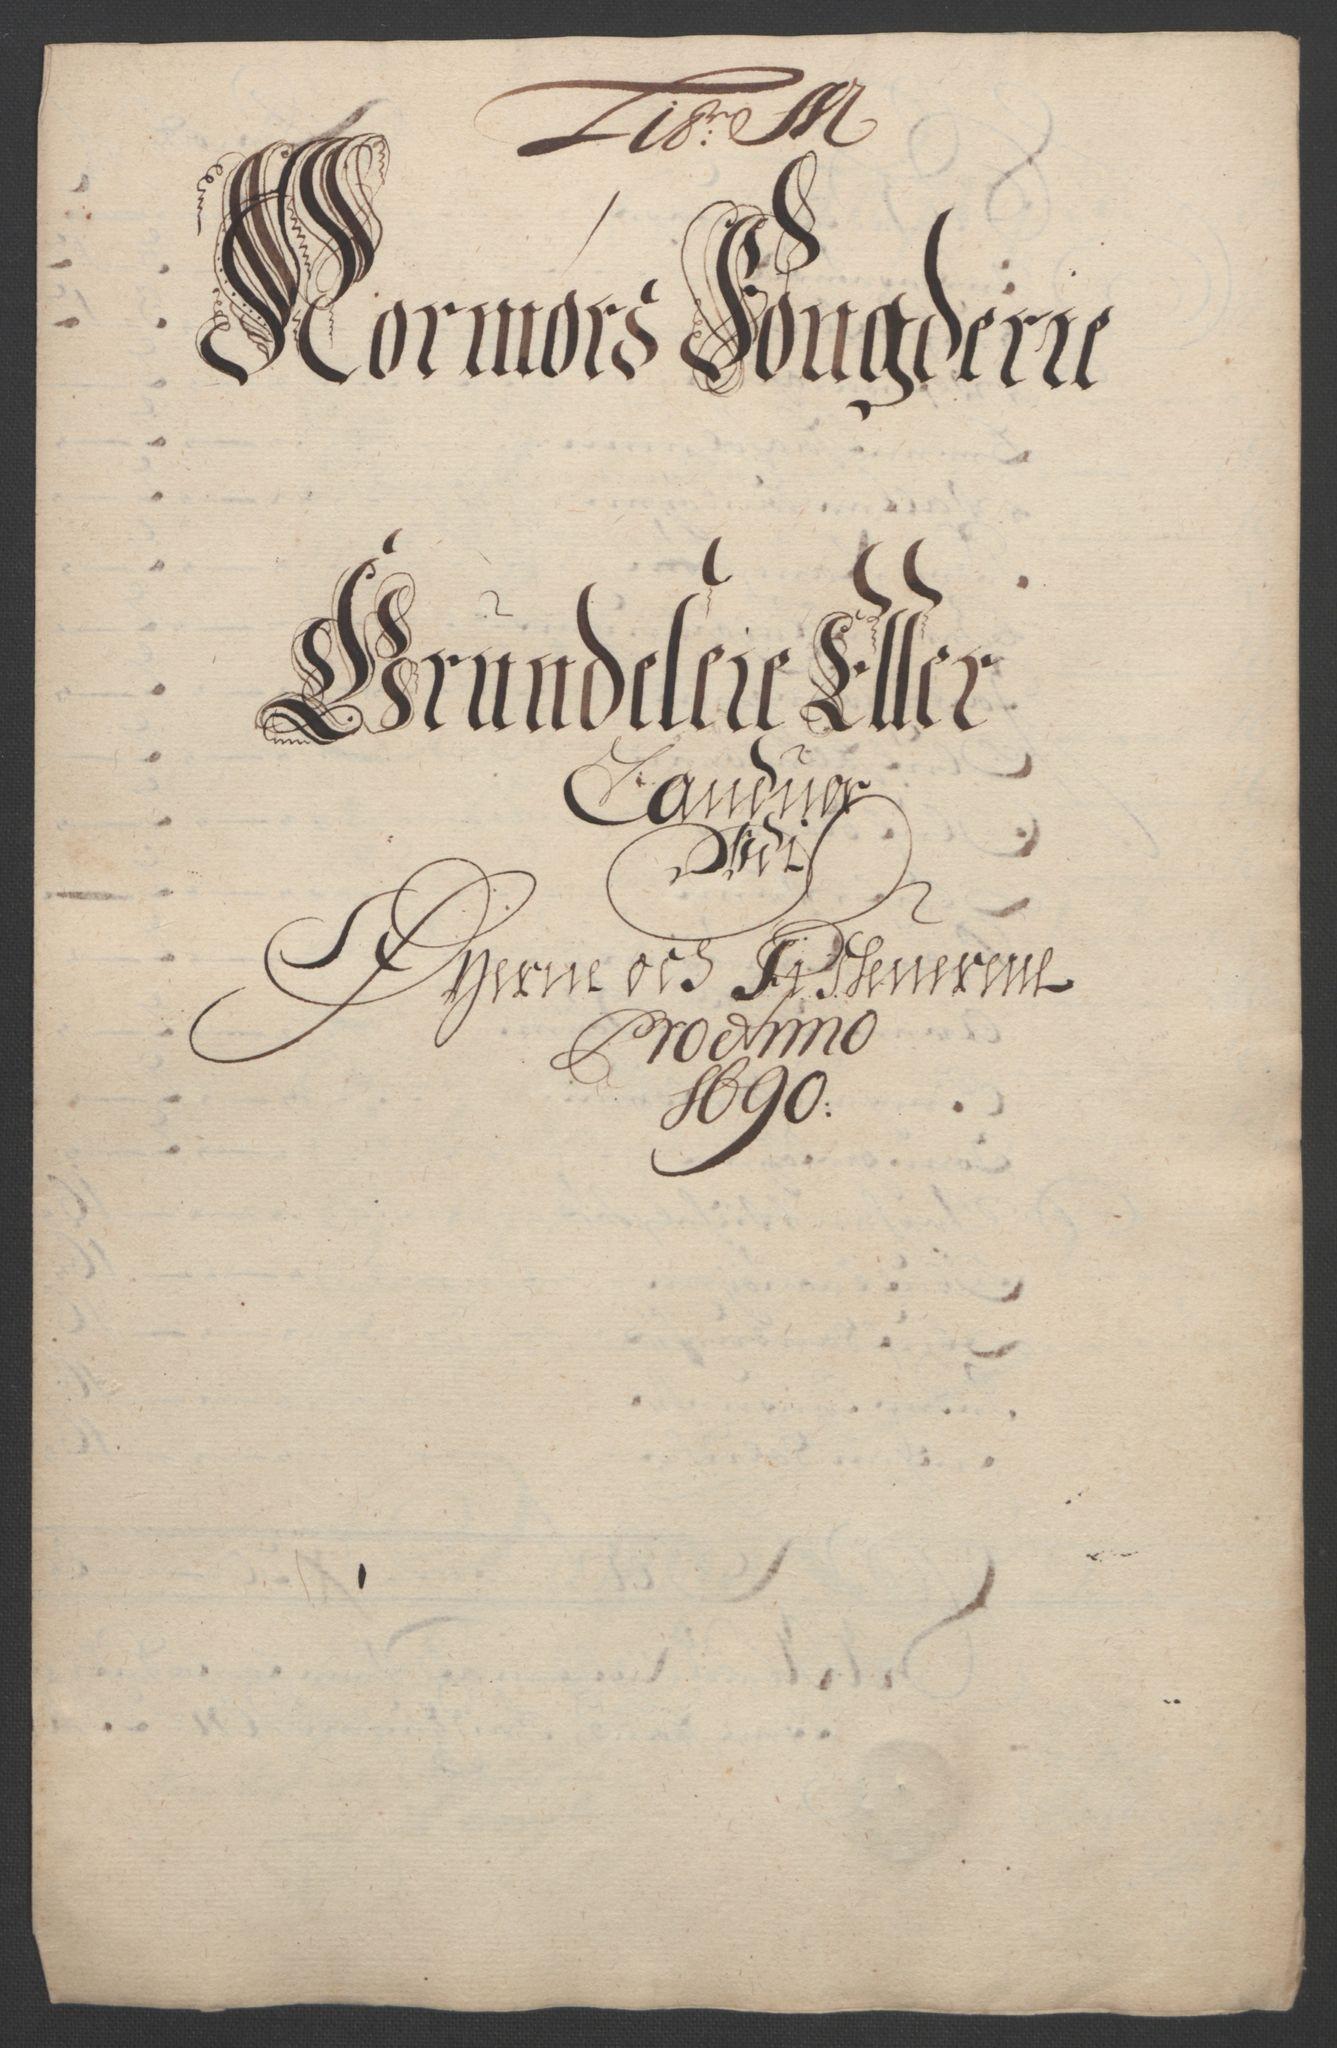 RA, Rentekammeret inntil 1814, Reviderte regnskaper, Fogderegnskap, R56/L3734: Fogderegnskap Nordmøre, 1690-1691, s. 177